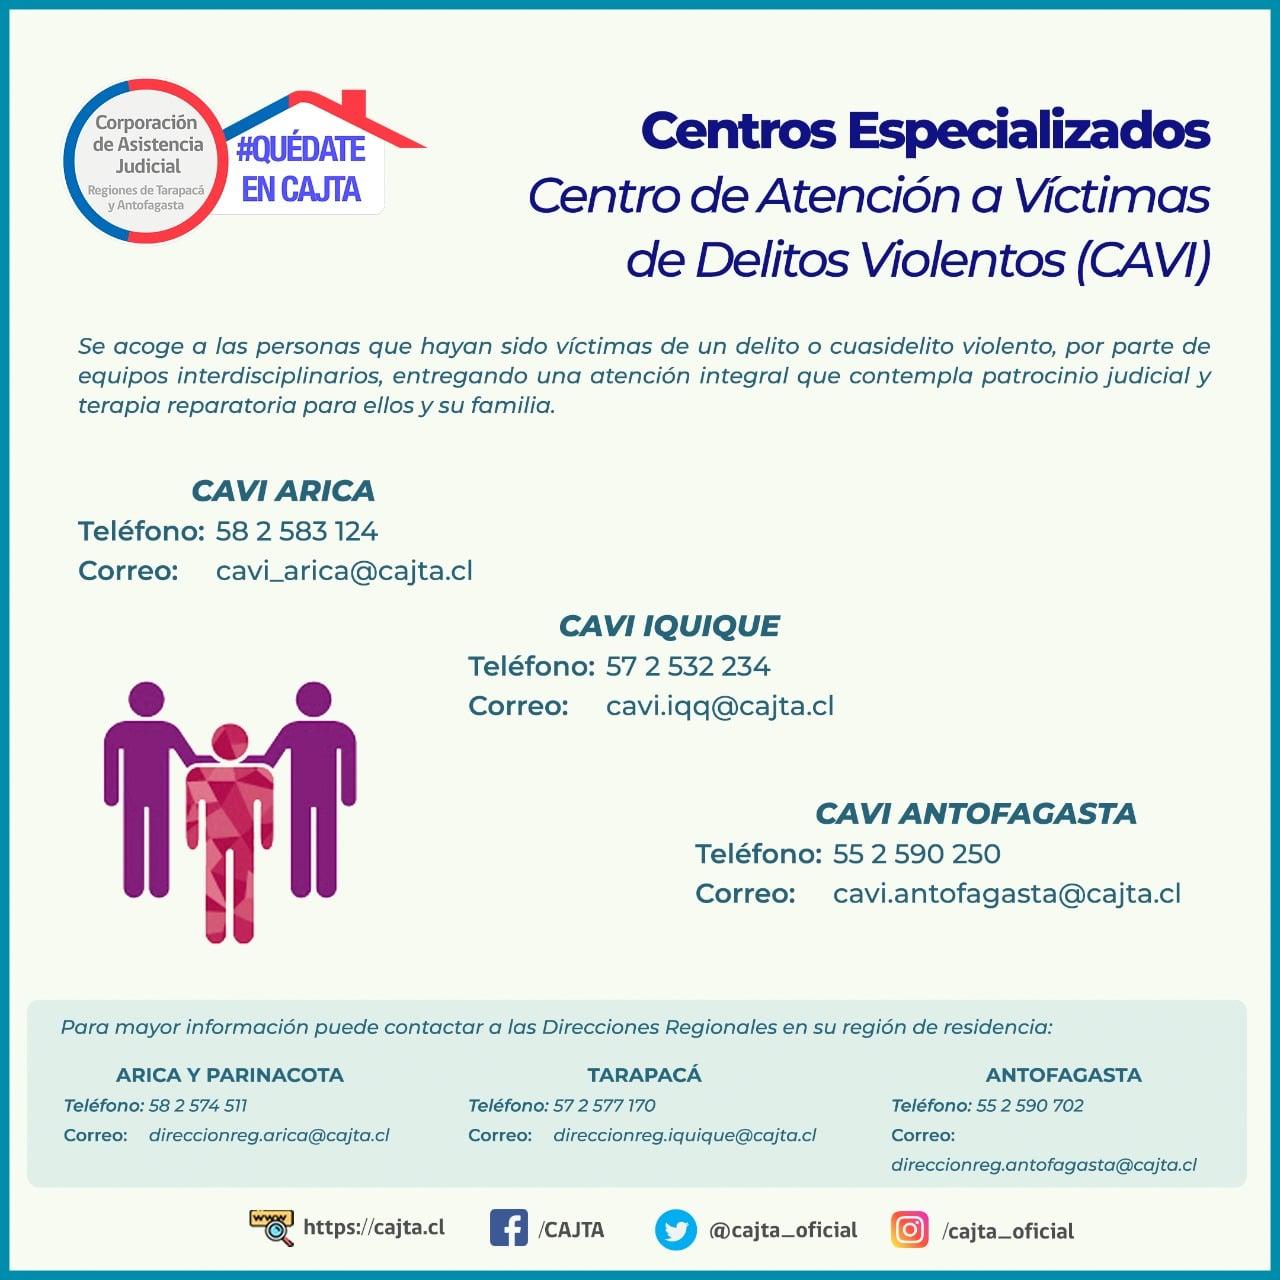 Centros de Atención a Víctimas de Delitos Violentos, CAVI